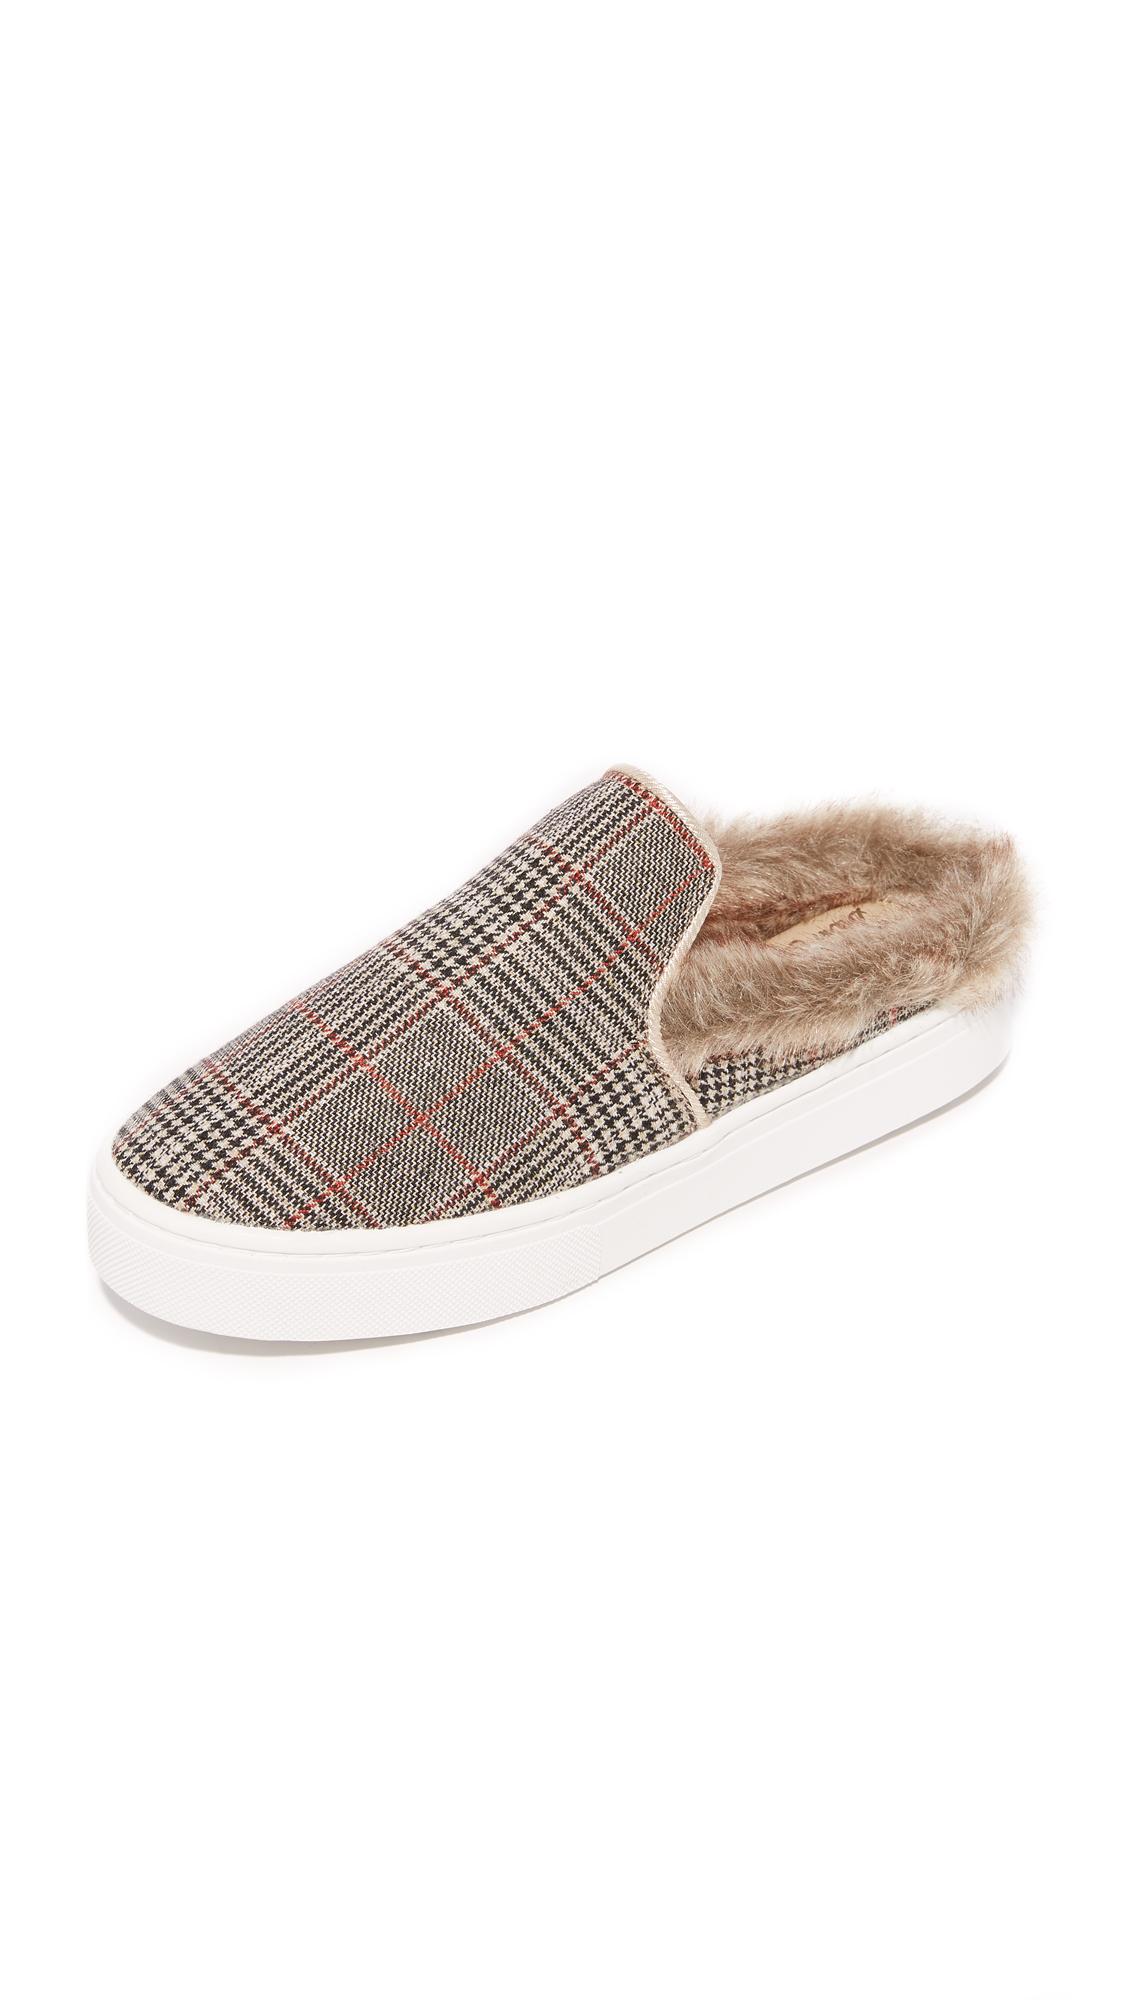 Sam Edelman Levonne Faux Fur Slip On Sneakers - Tan Multi/Putty/White